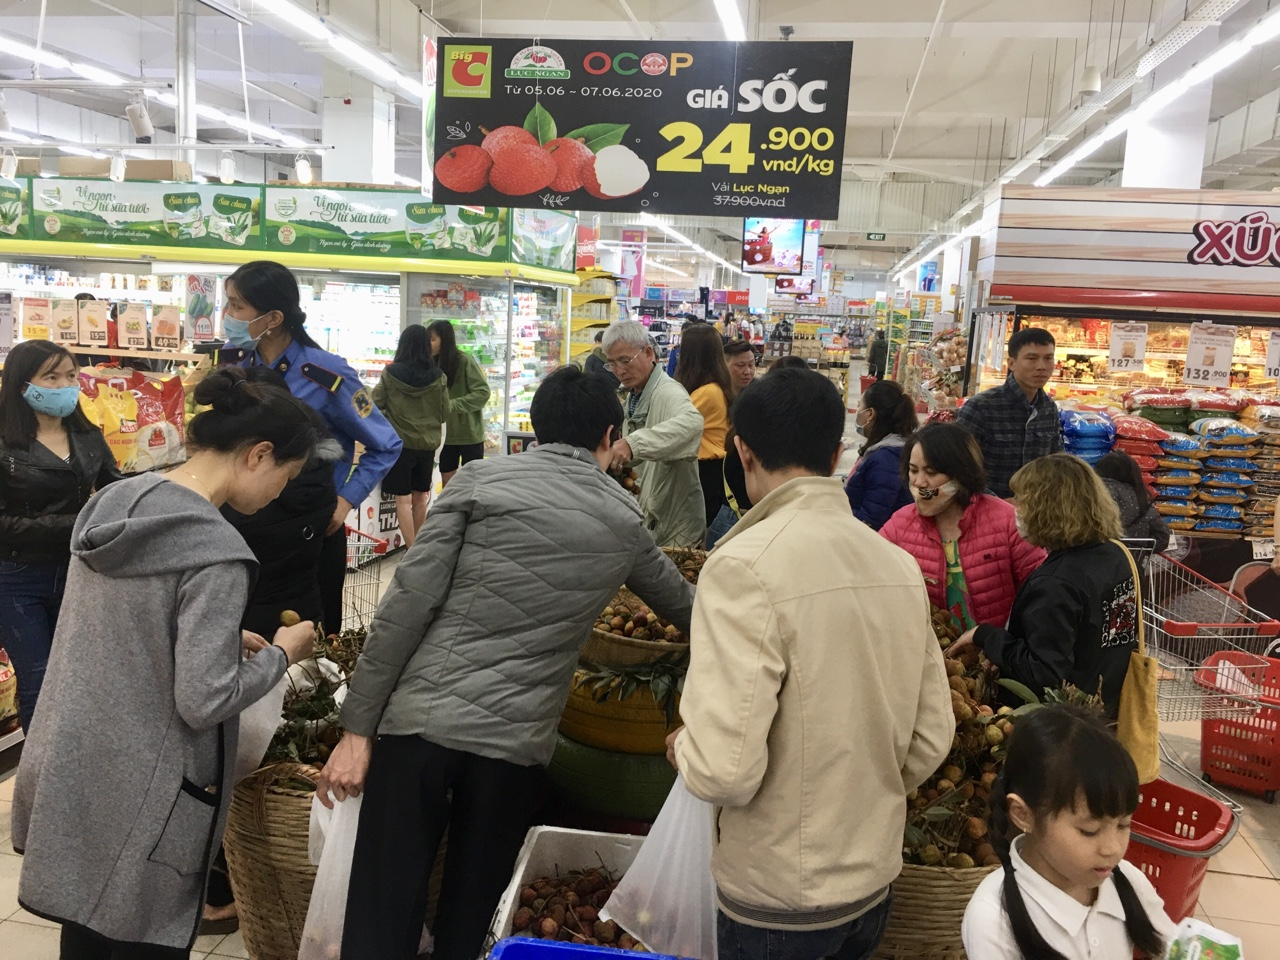 Mở rộng đầu ra cho vải thiều, sản lượng tiêu thụ tại các hệ thống siêu thị tăng cao - Ảnh 1.